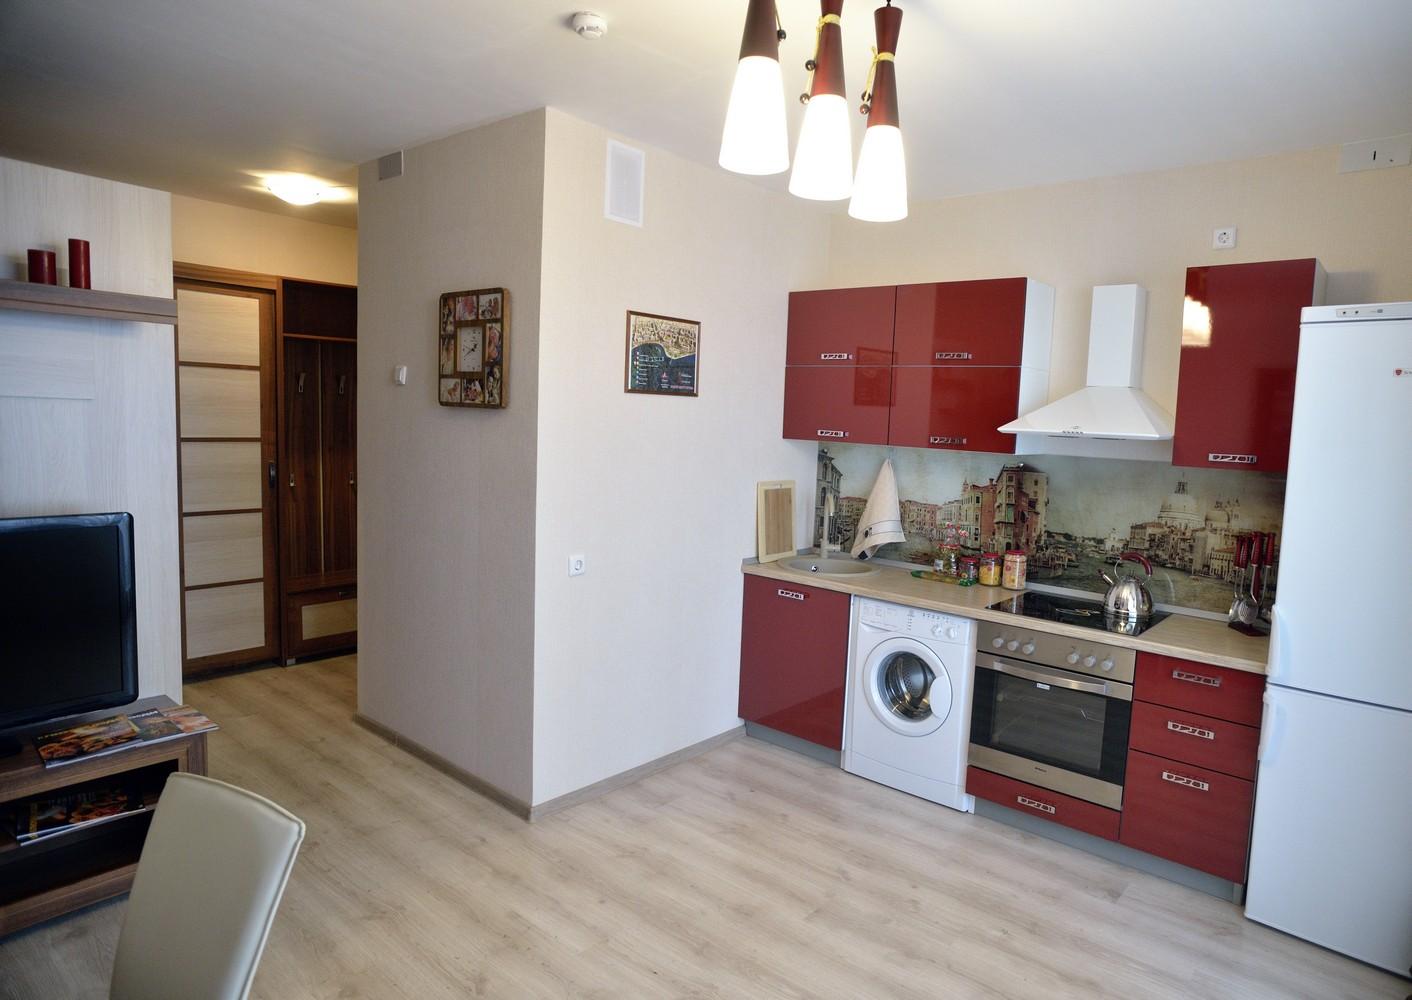 цены на квартиры студии в челябинске нашей сборной